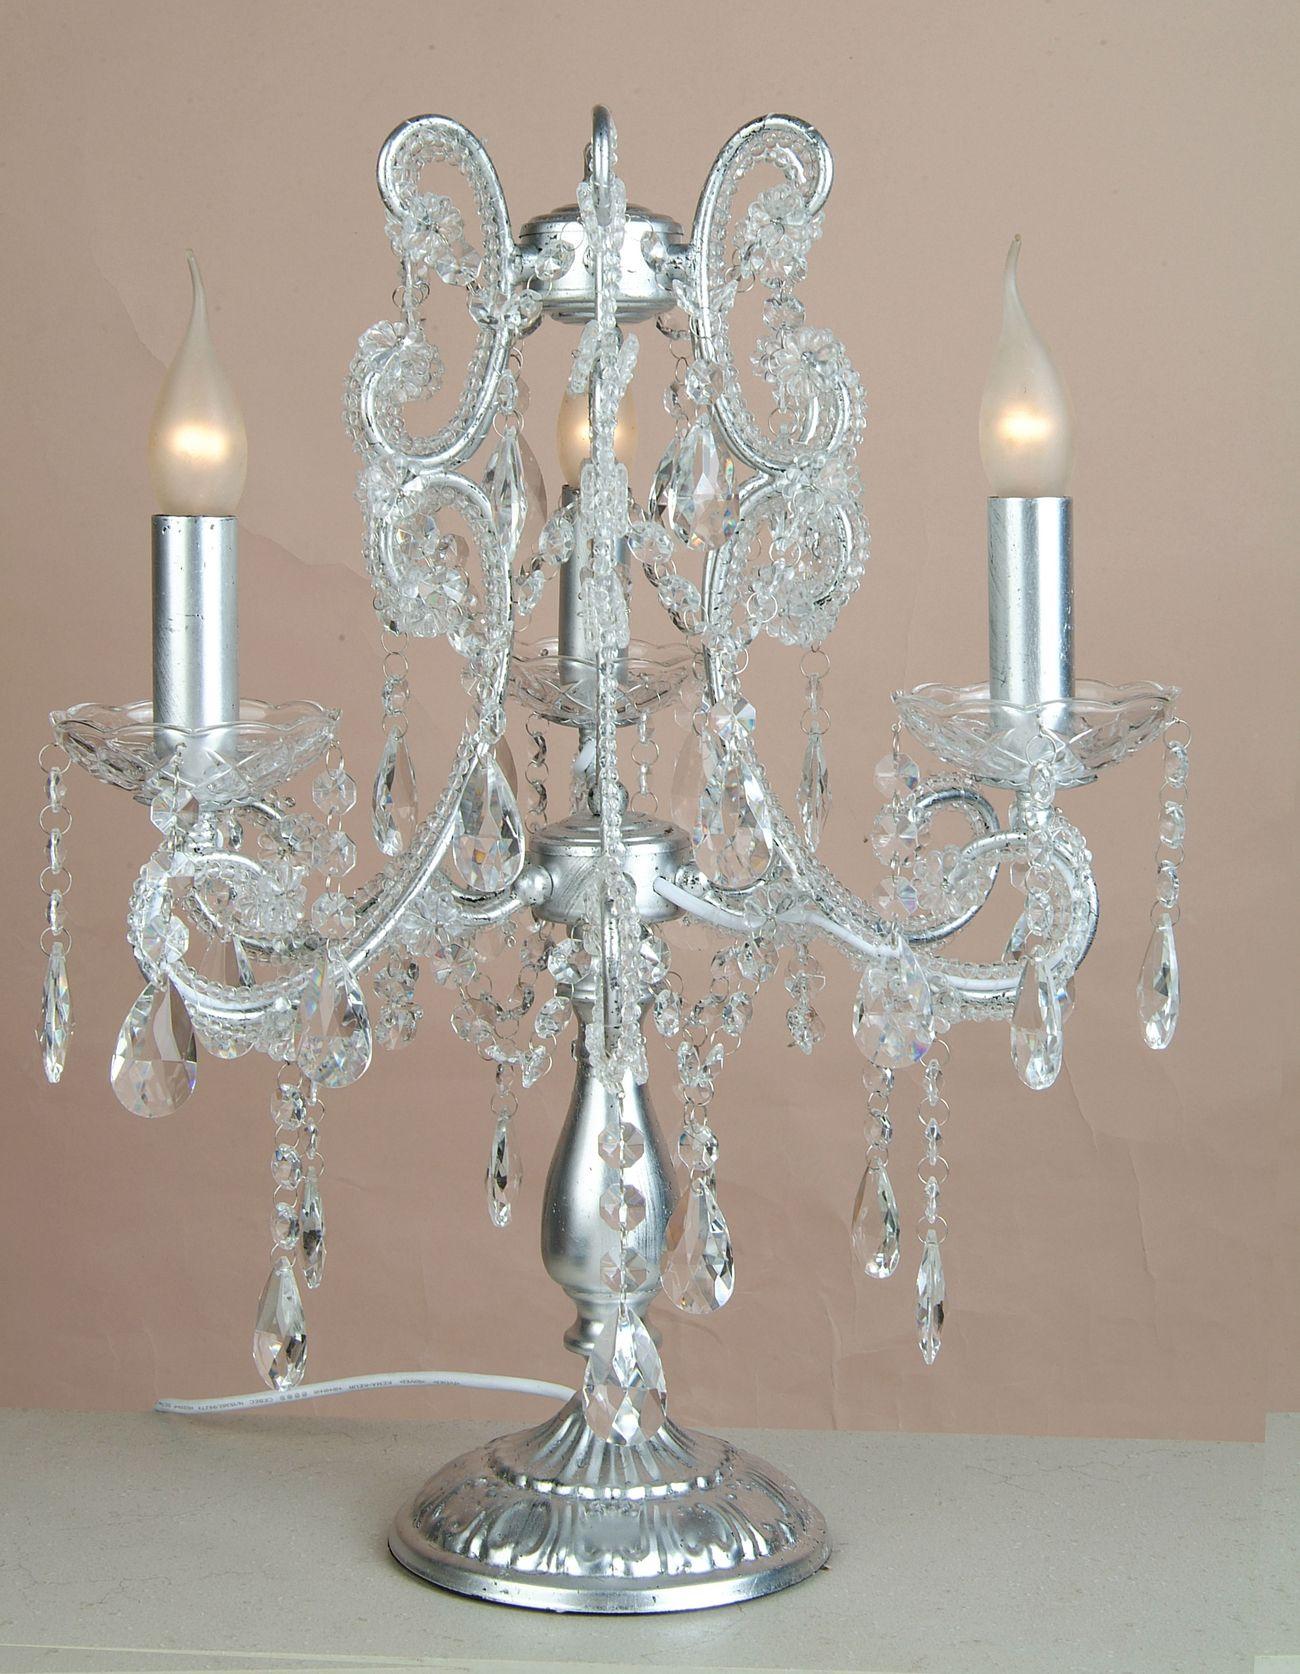 Silver 3 Branch Chandelier Table Lamp Julianne 1003 P